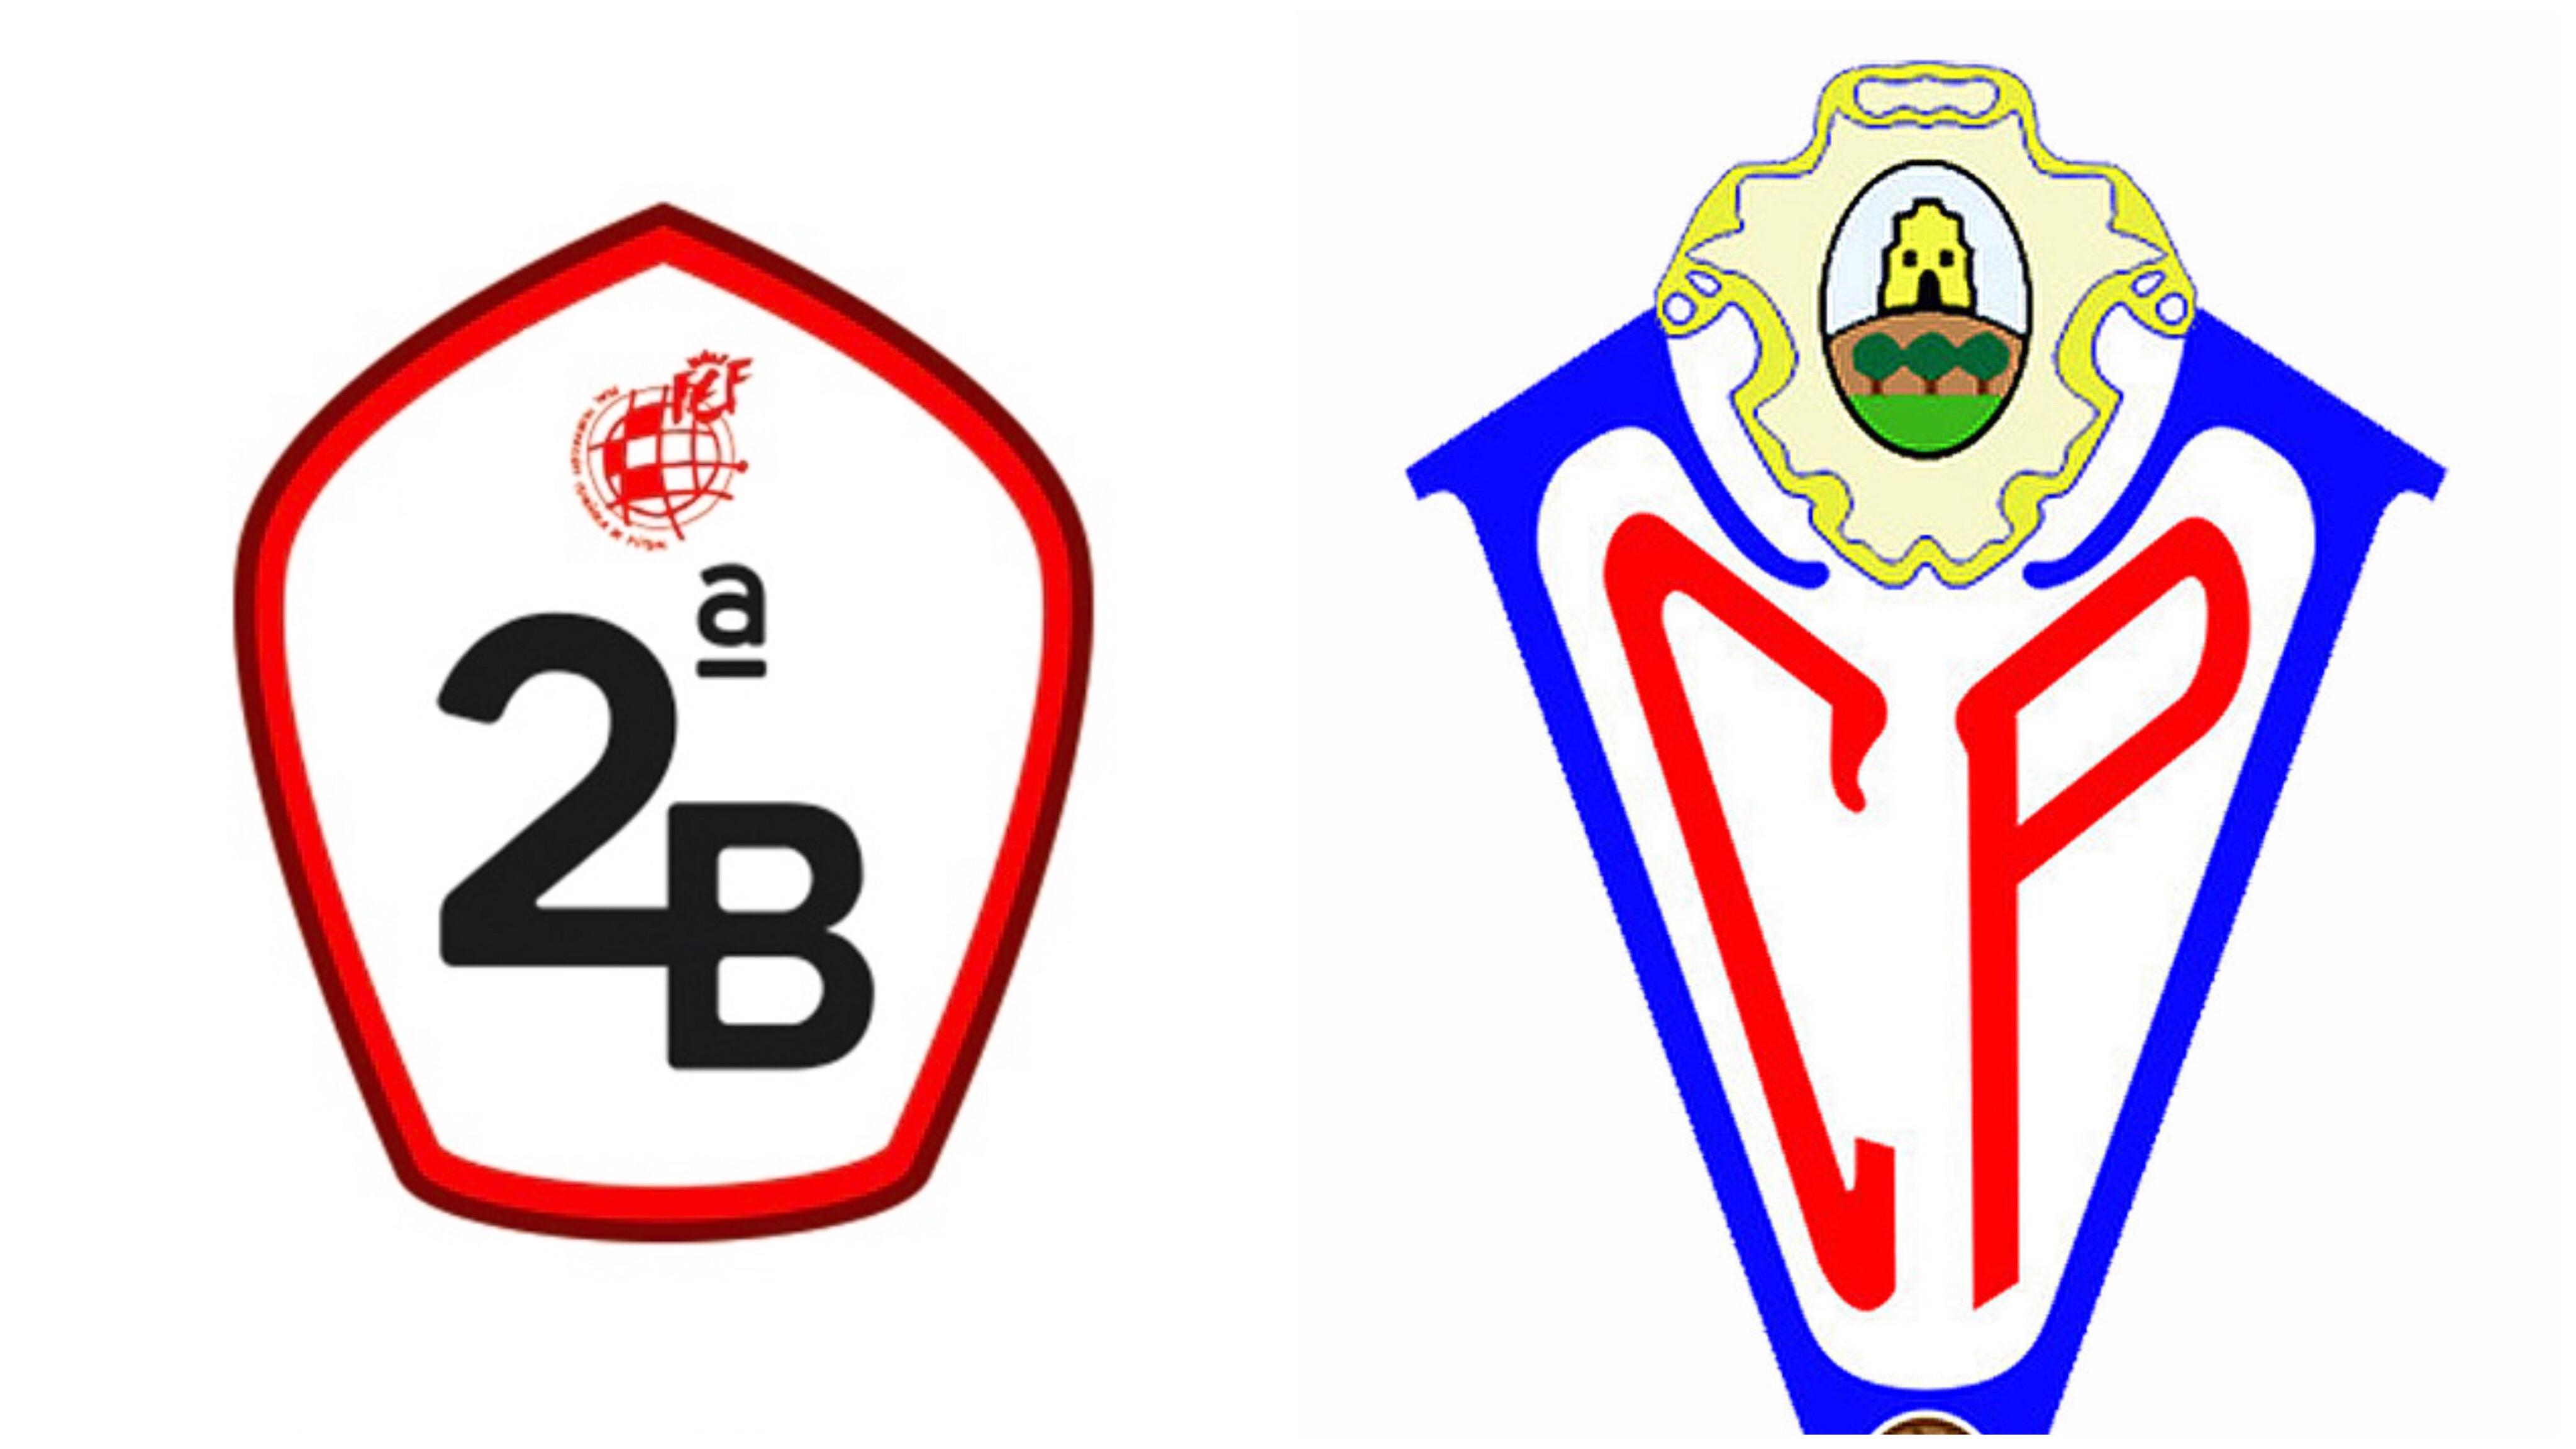 Calendario Segunda B.El Cp Villarrobledo Conocera Hoy Su Calendario En Segunda B 5 Mas